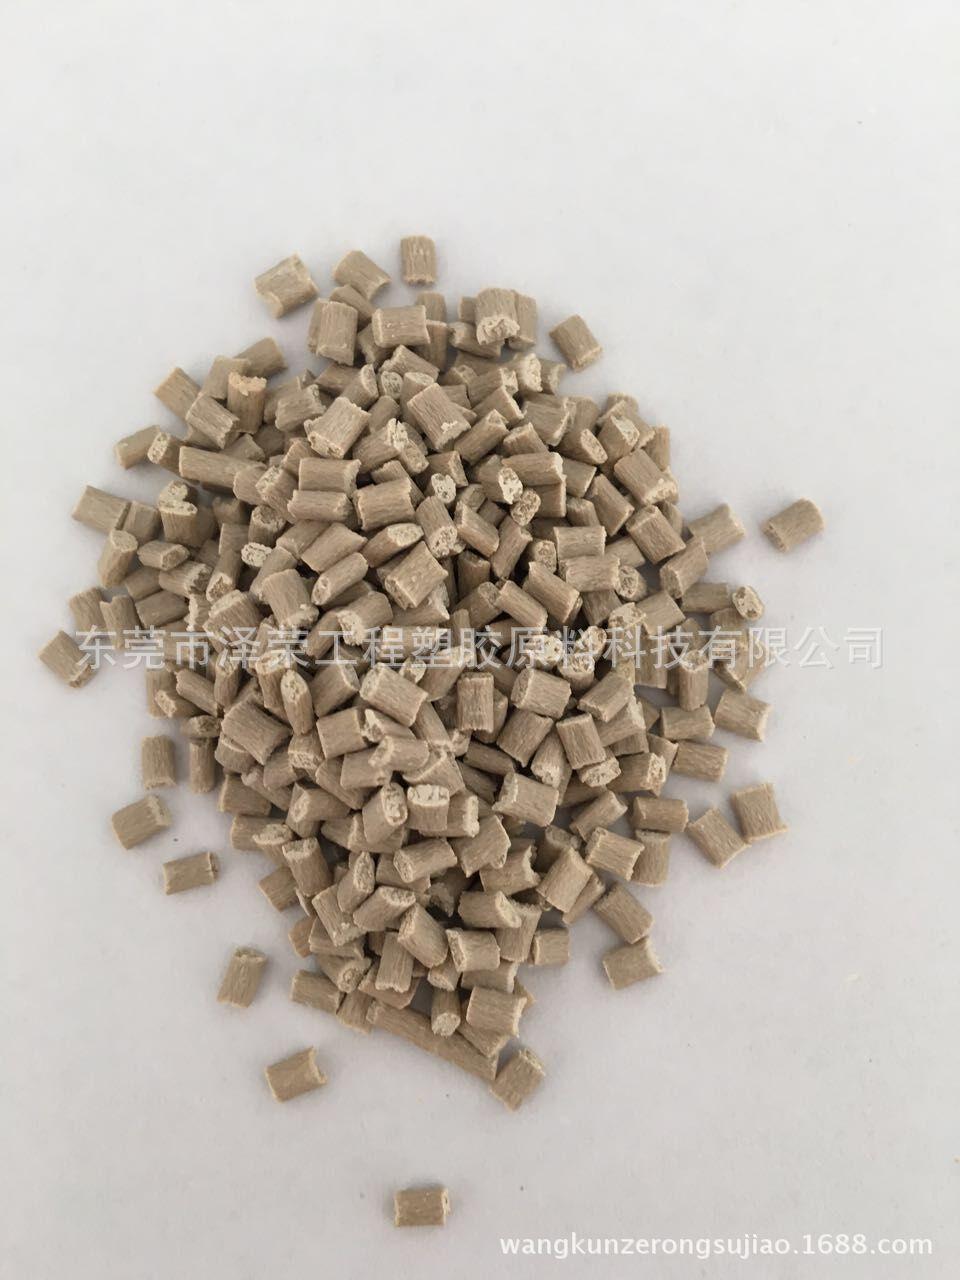 PPS颗粒 增强改性 本色 黑色 咖啡色 土黄色 可定做各种颜色